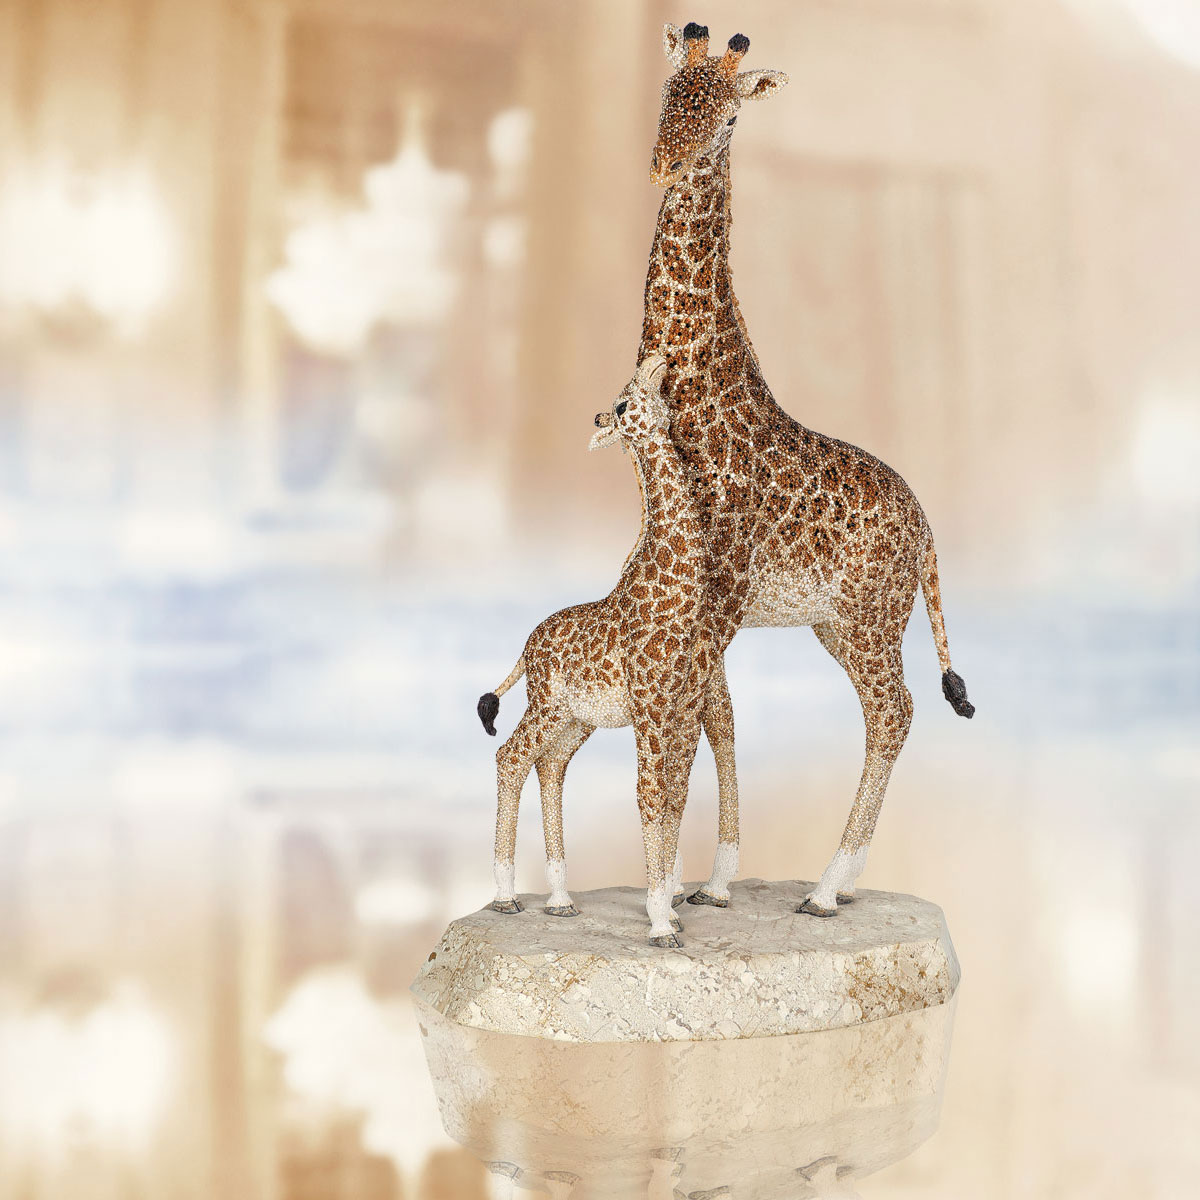 Swarovski Crystal, Myriad Kya Giraffe Sculpture, Limited Edition of 300